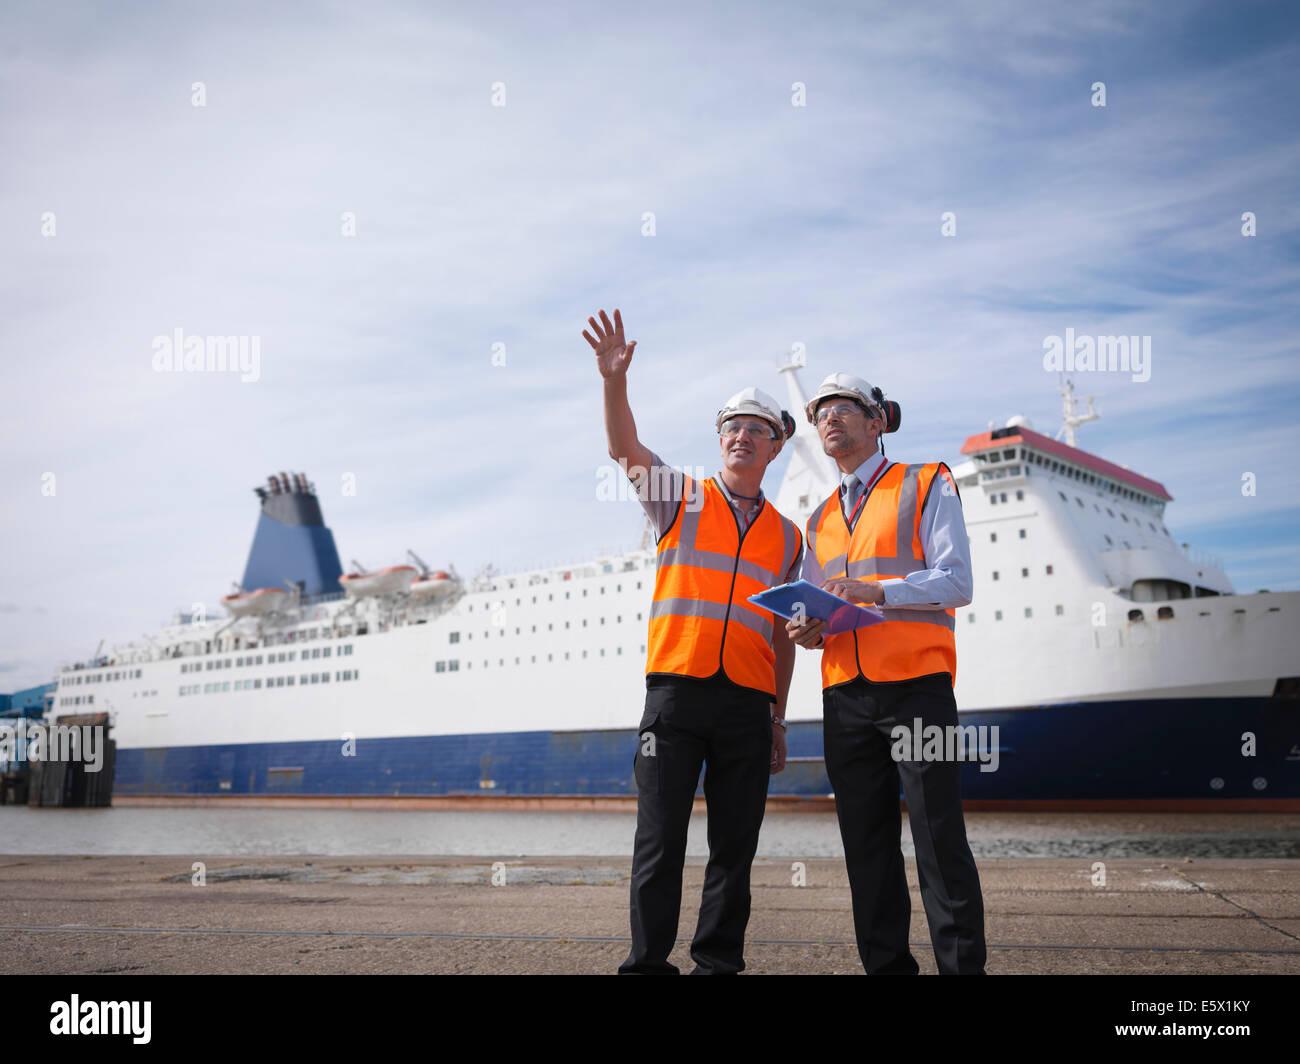 Les travailleurs du port avec navire au port Photo Stock